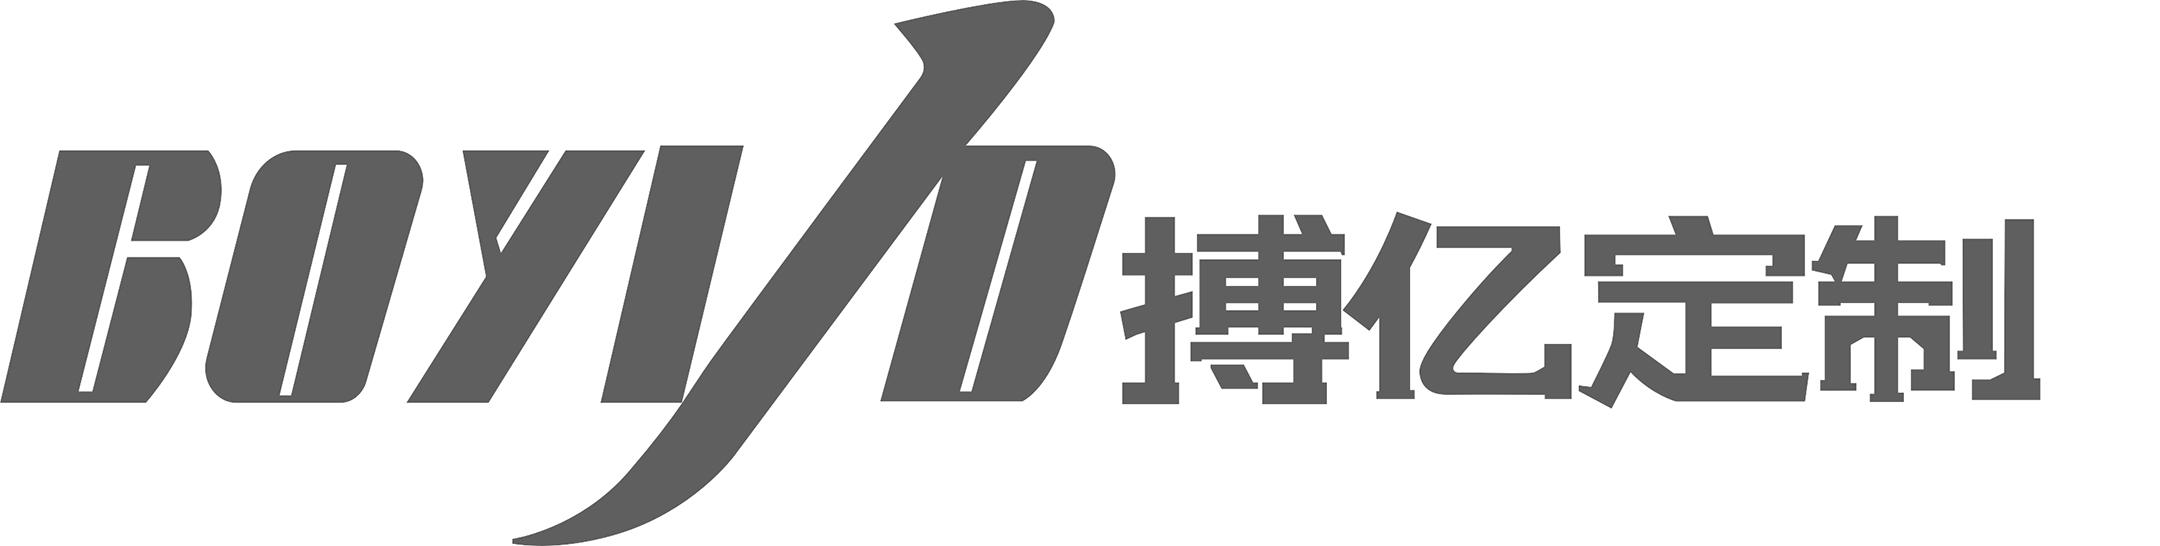 云南飞科家居有限公司